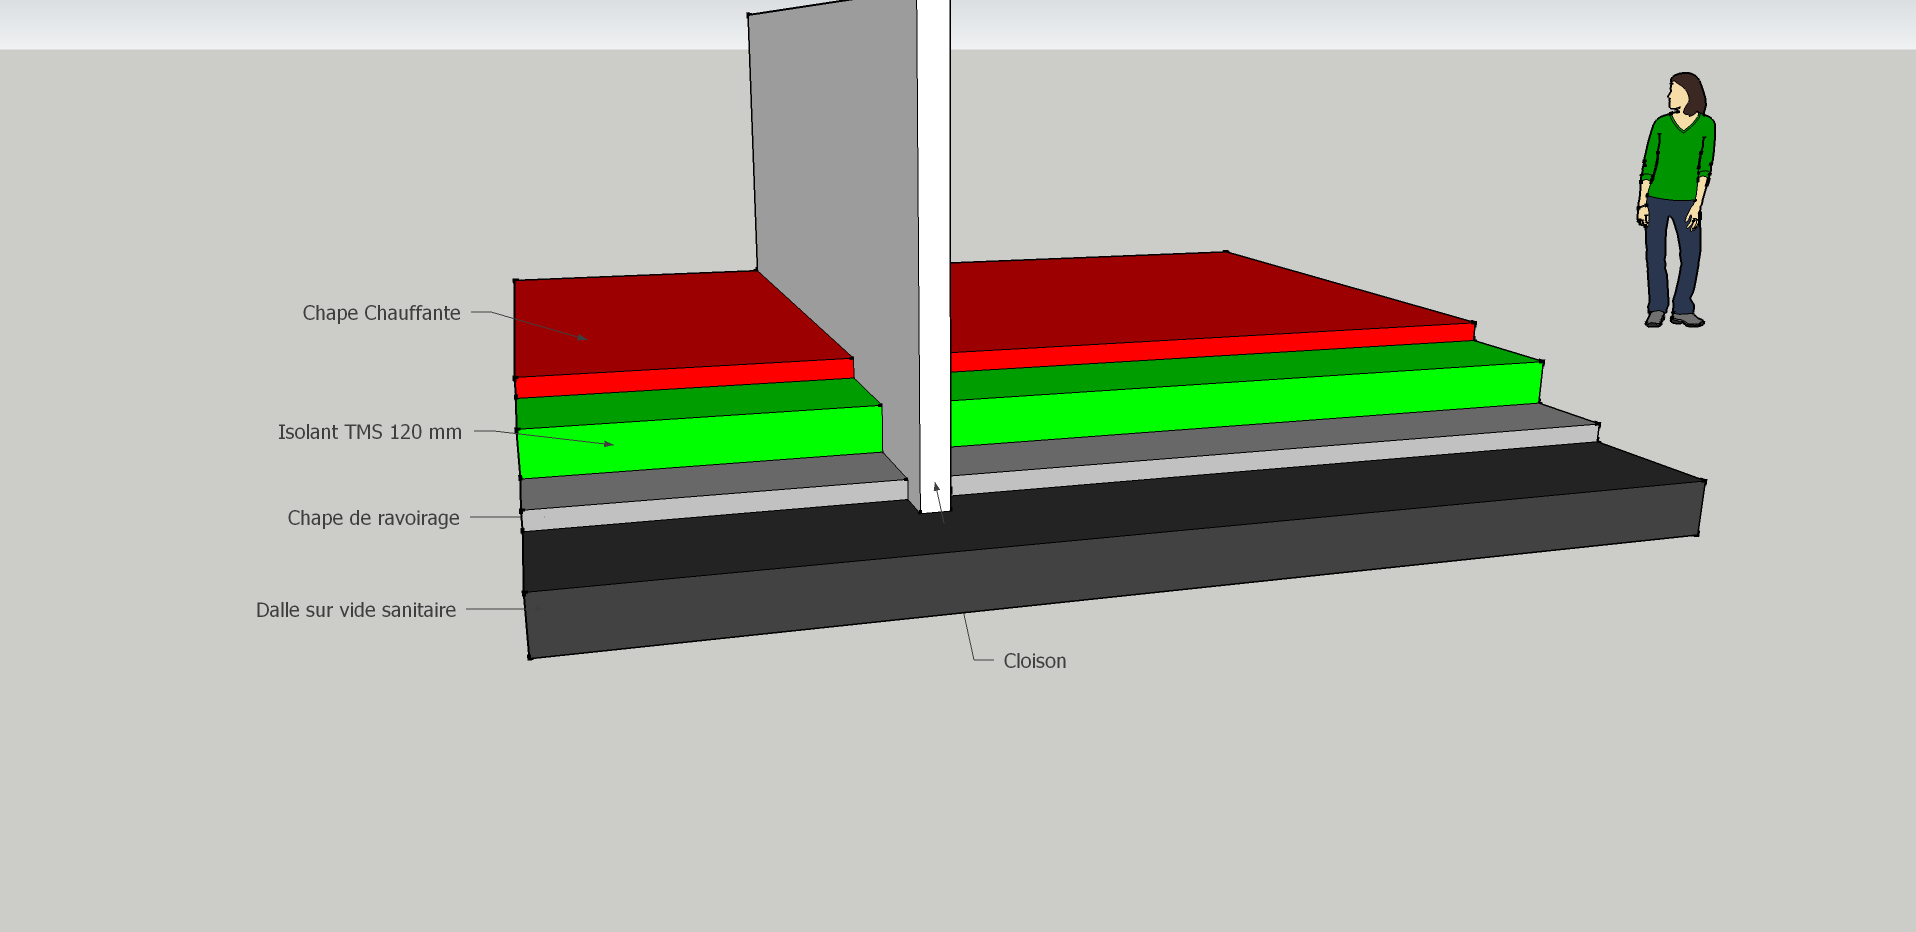 pied de cloison dalle sur vide sanitaire pont thermique 15 messages. Black Bedroom Furniture Sets. Home Design Ideas